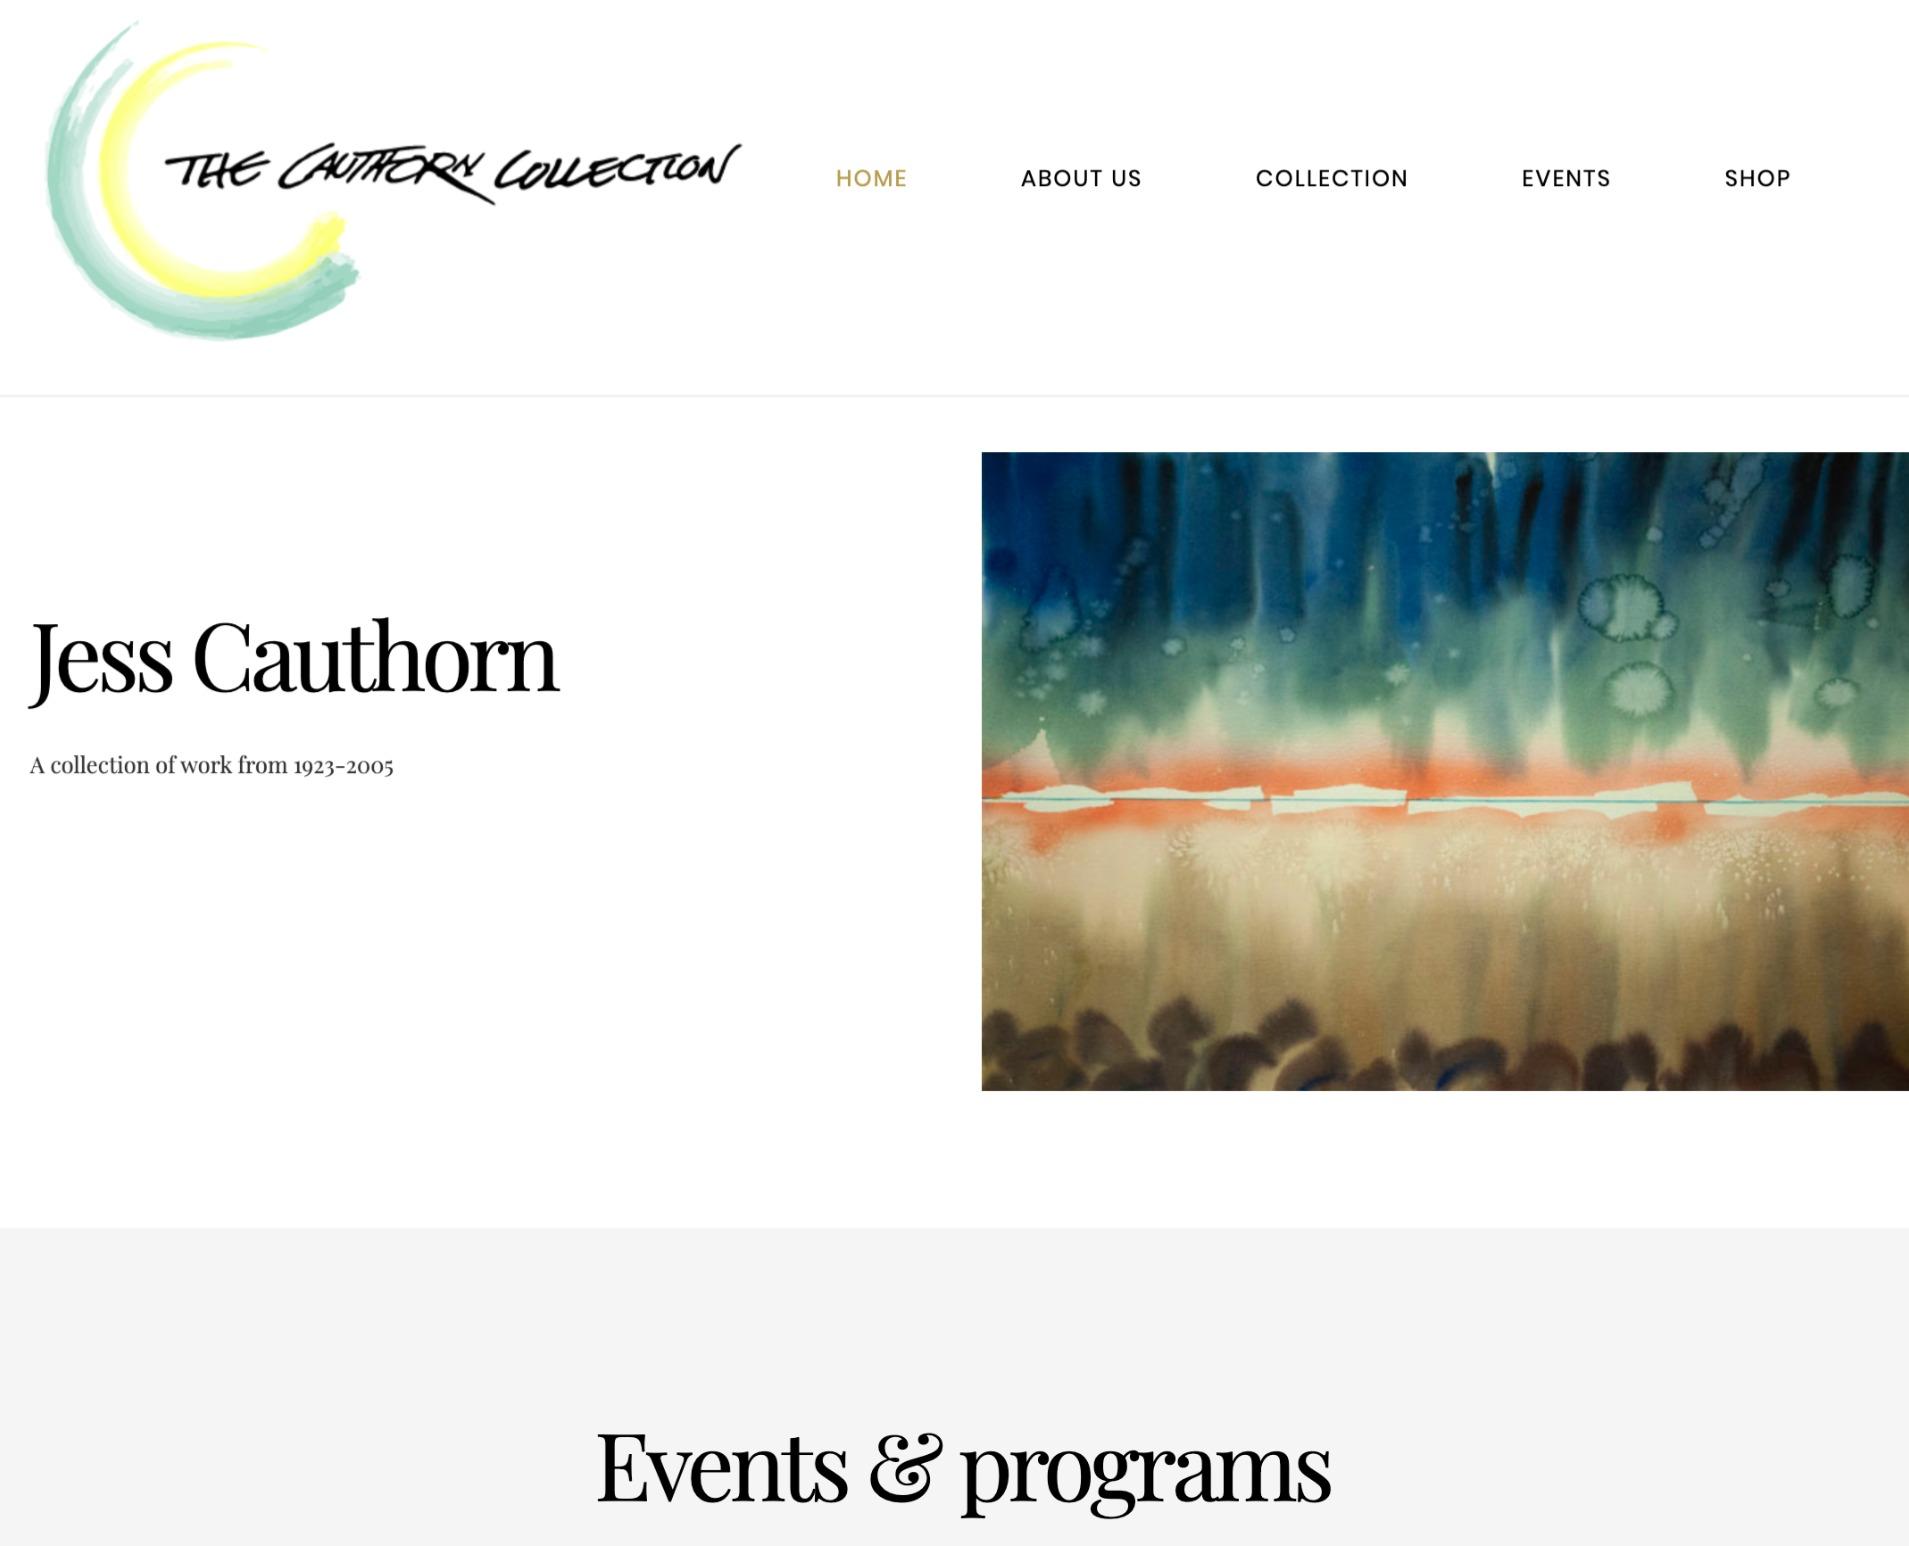 Cauthorn